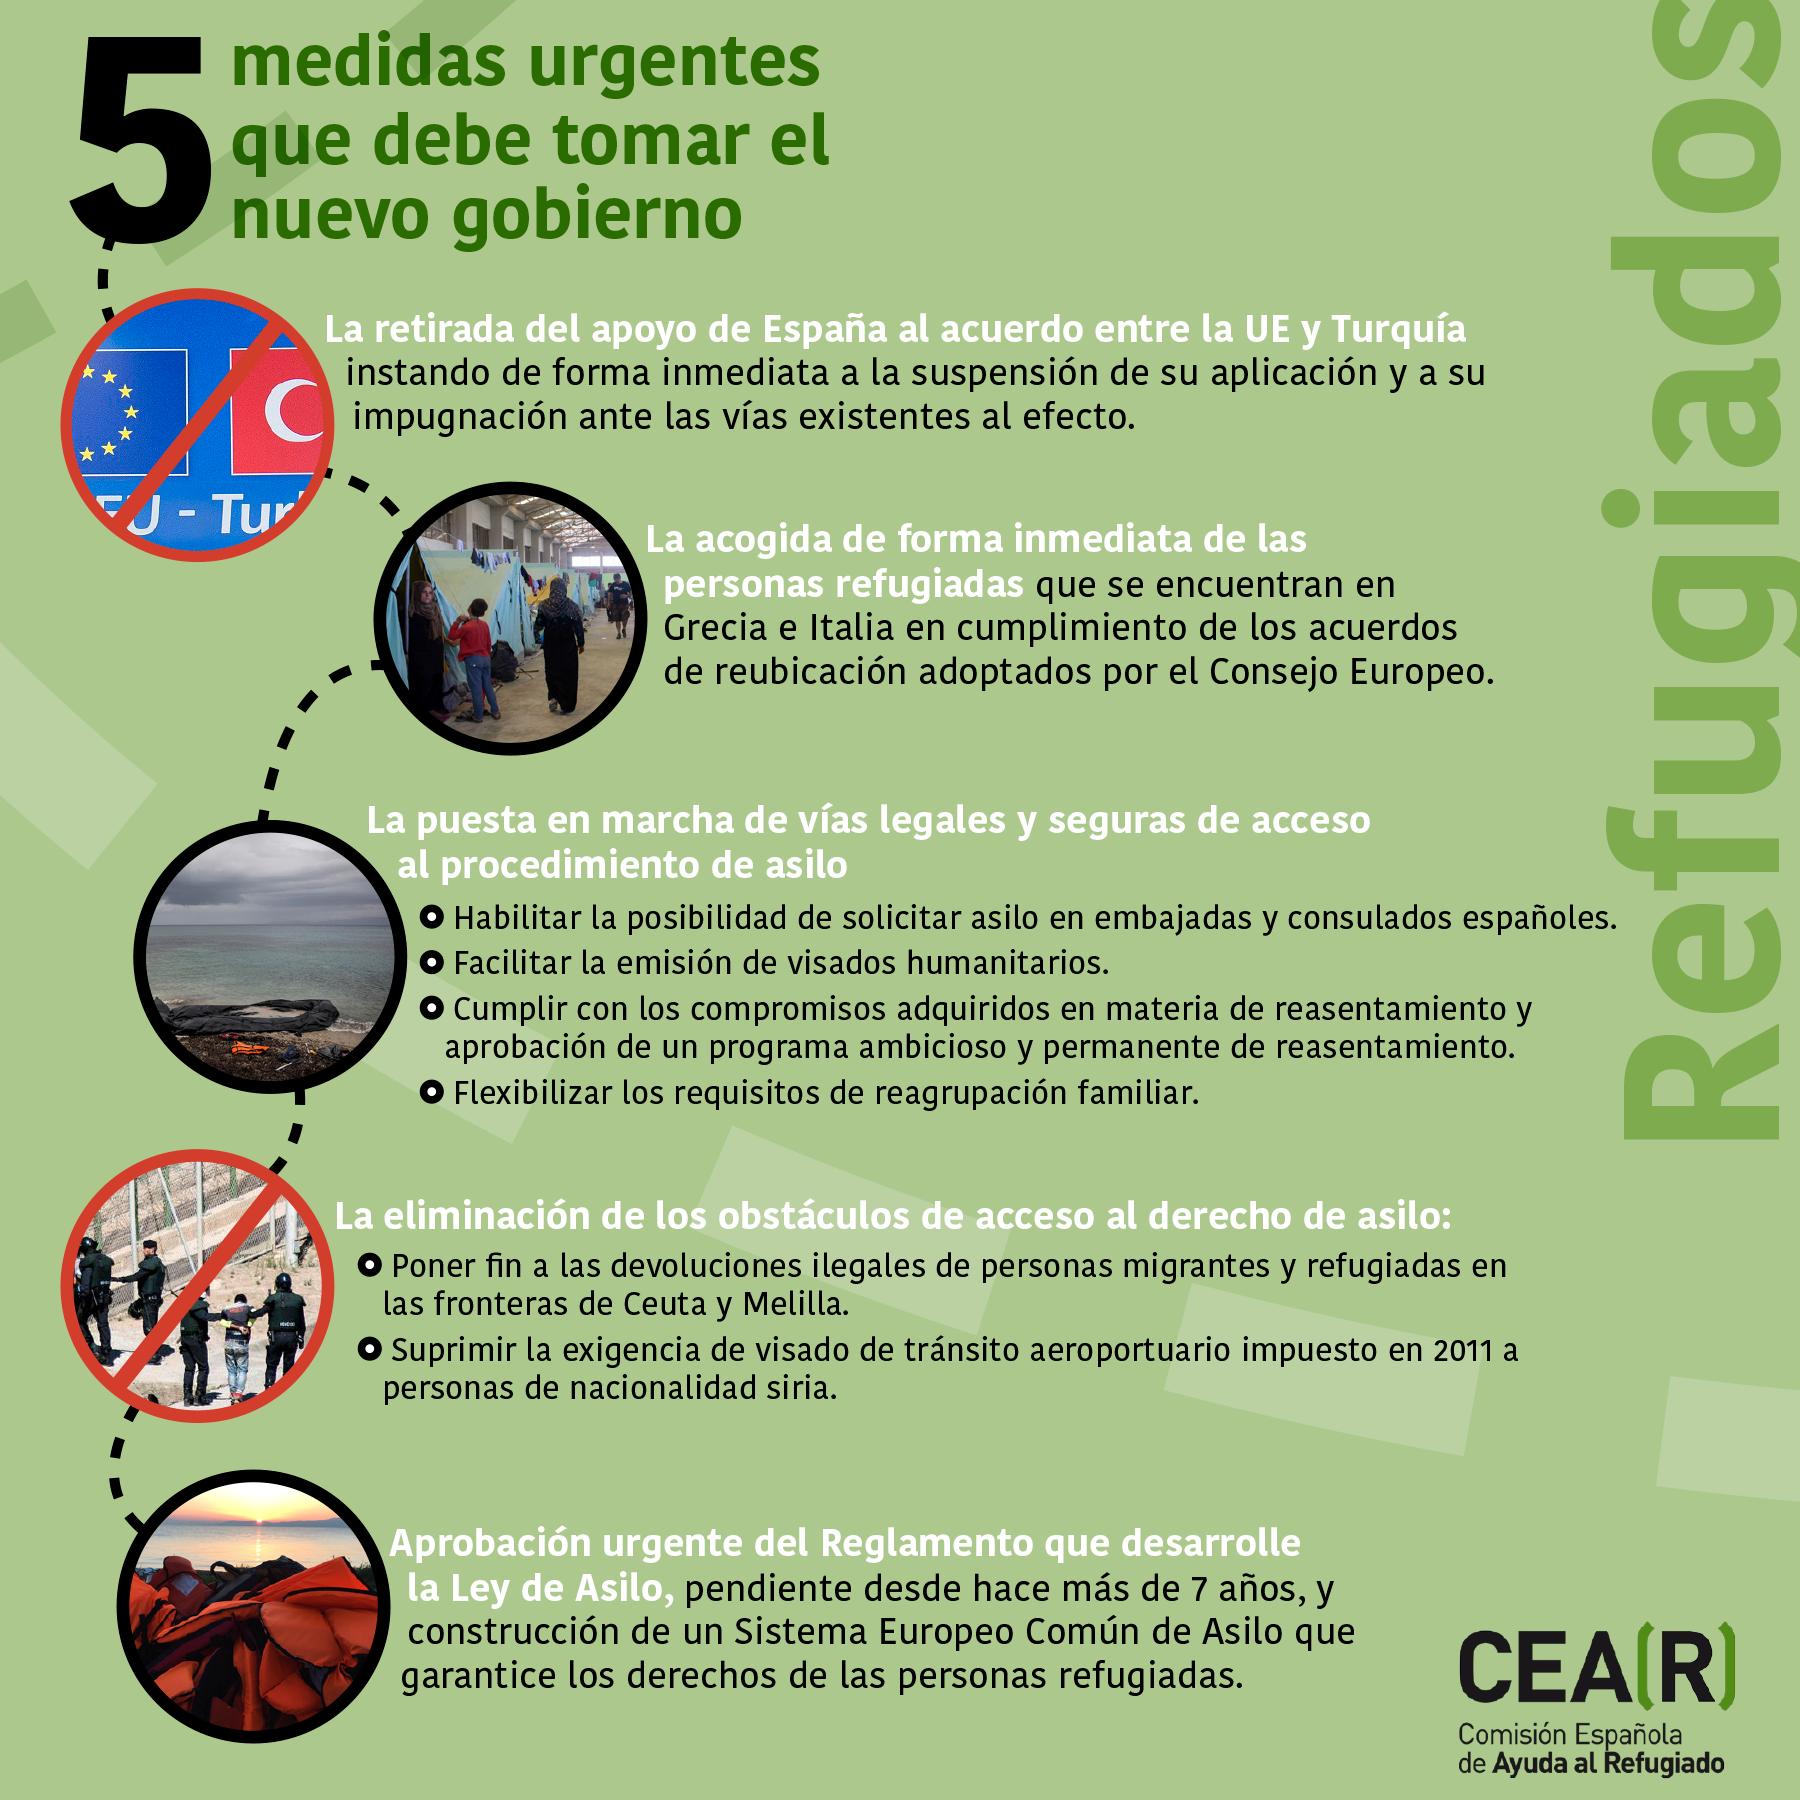 5 medidas nuevo Gobierno